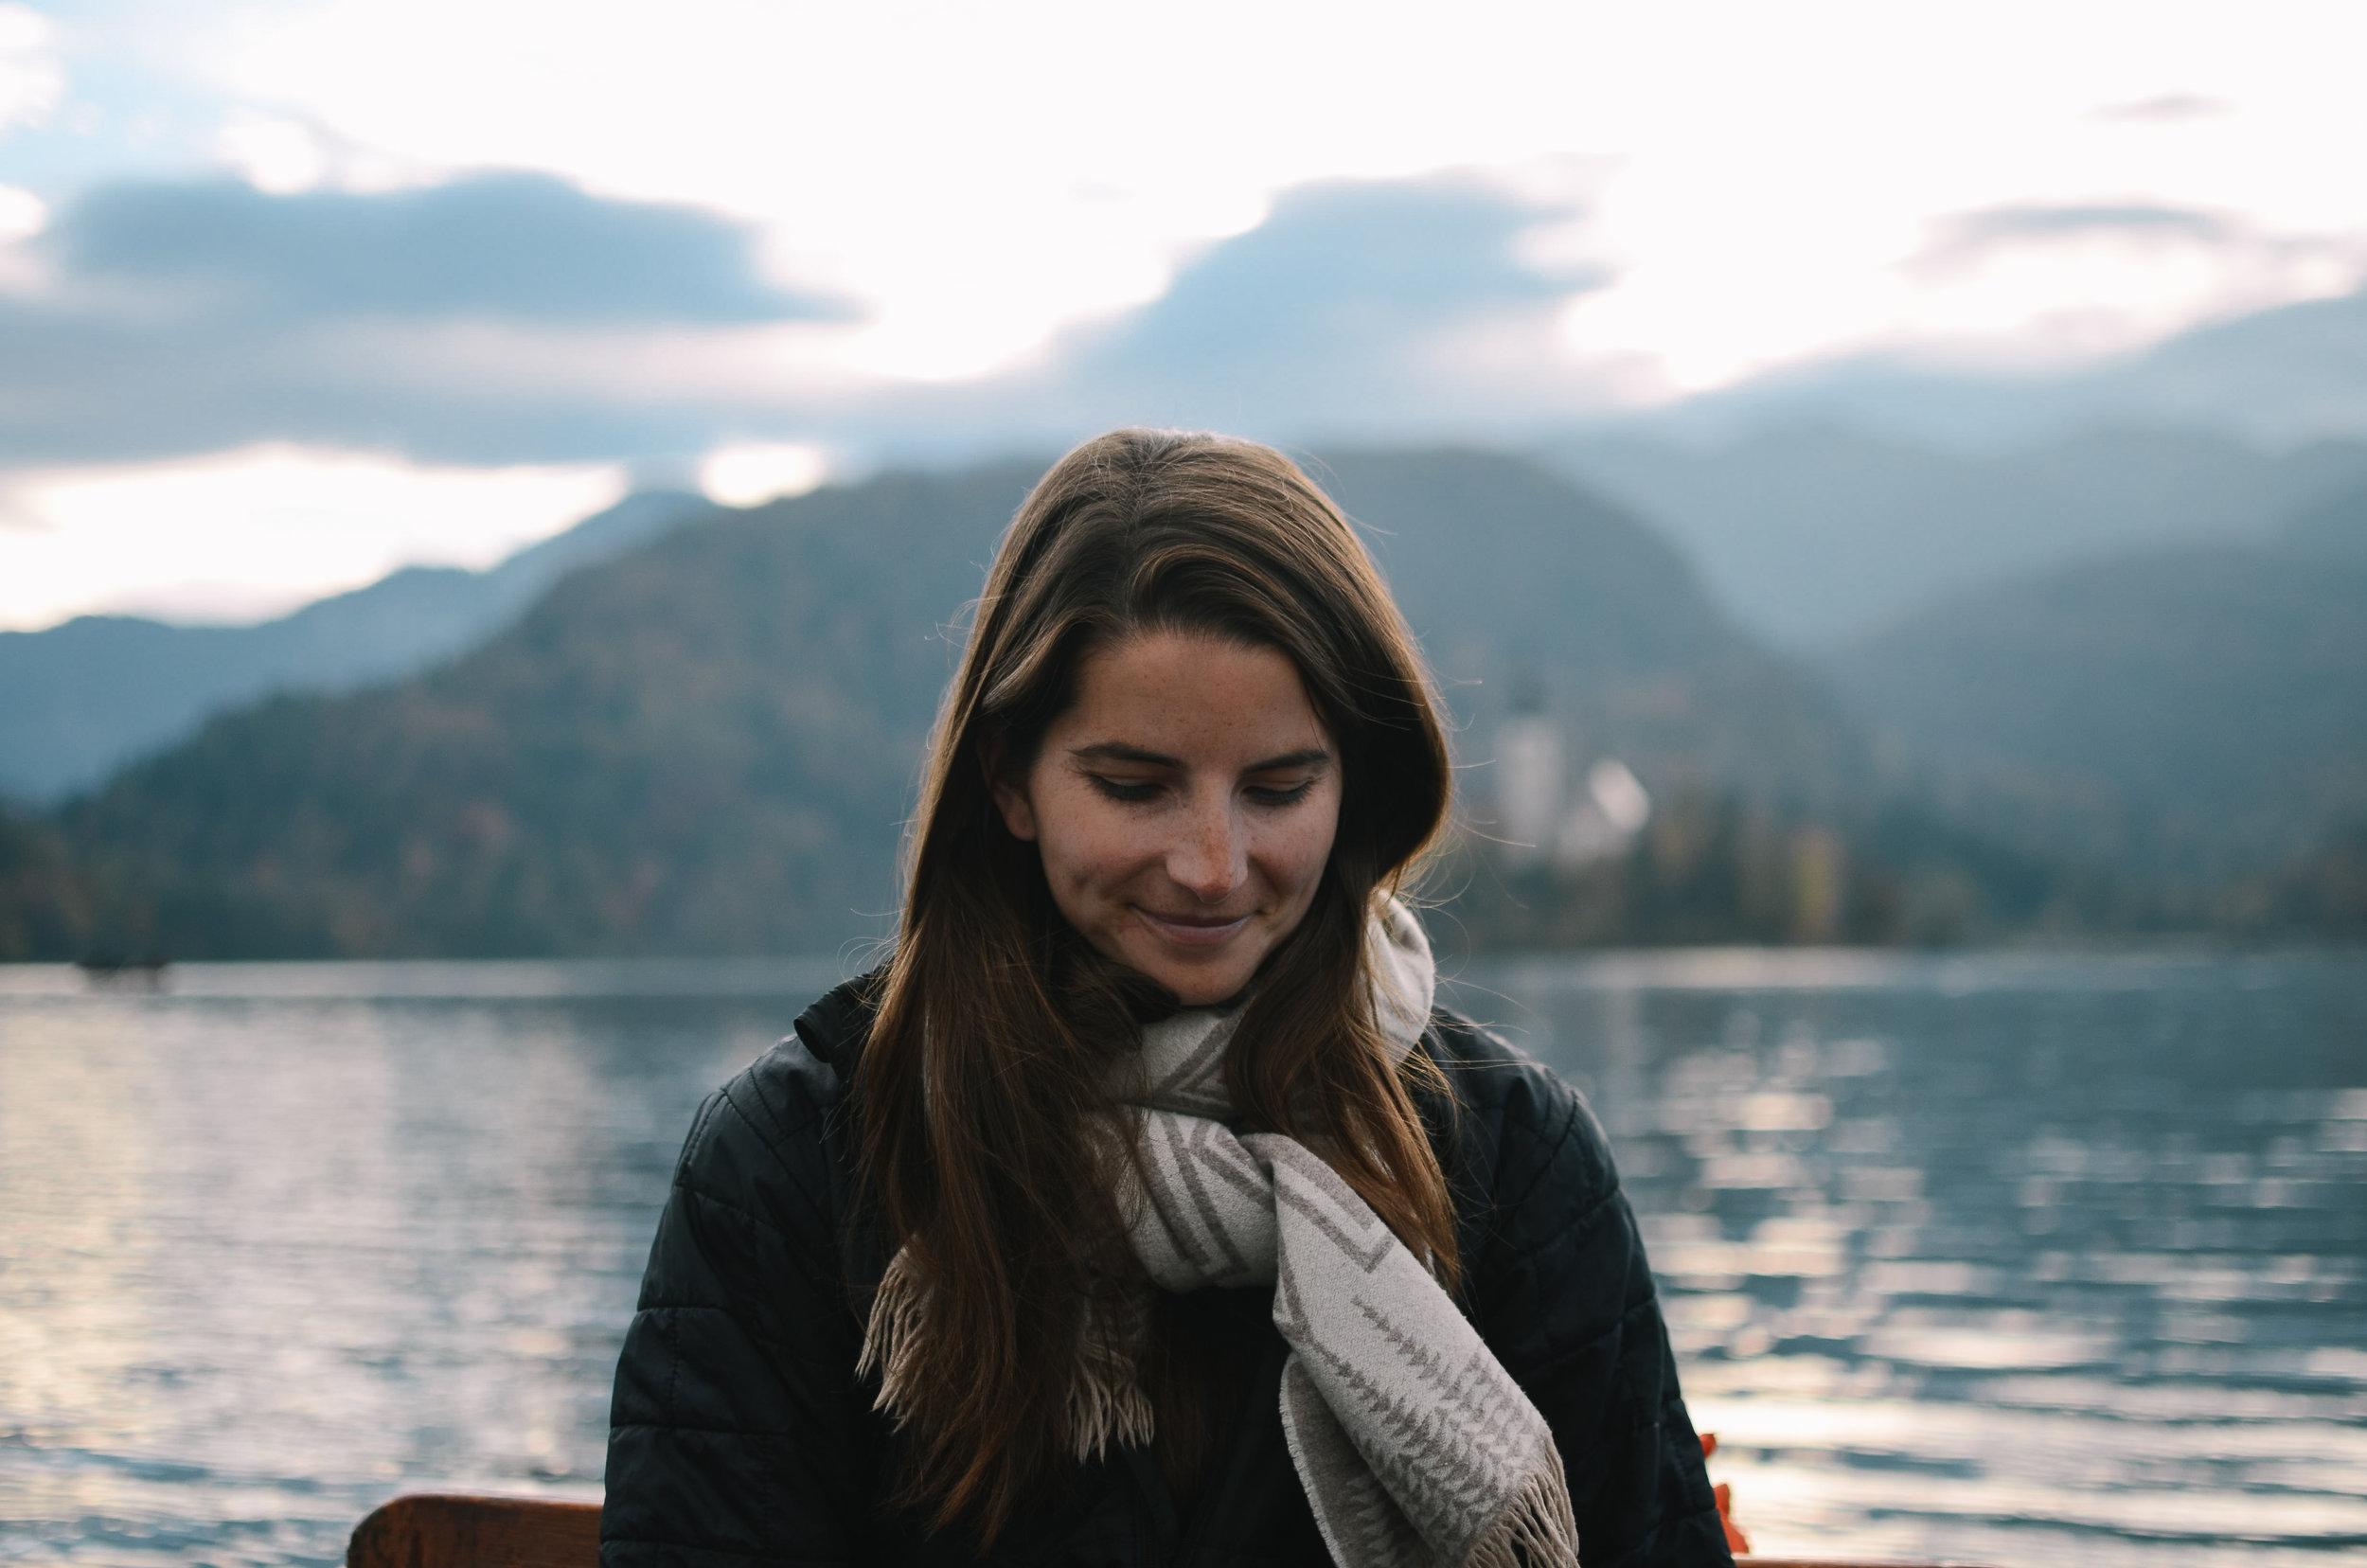 lake-bled-slovenia-travel-guide-lifeonpine_DSC_1216.jpg